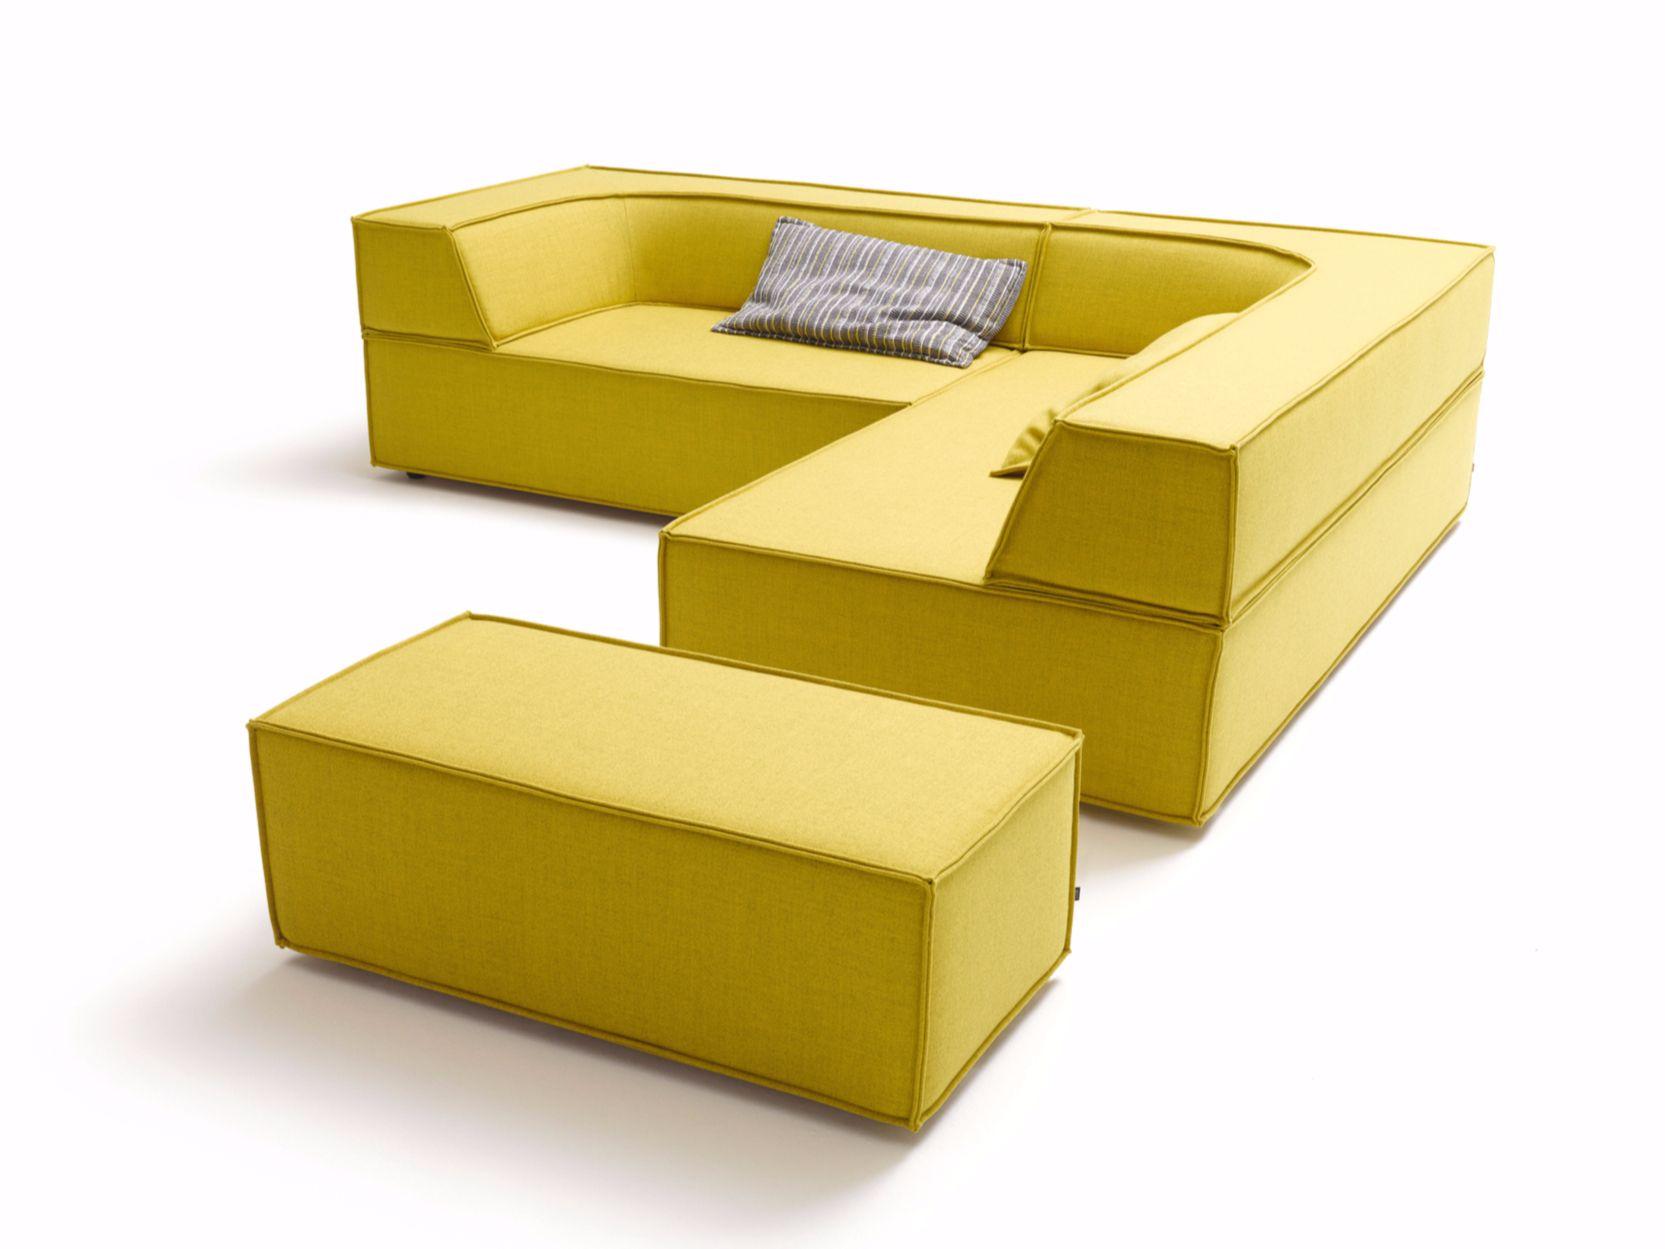 trio ecksofa kollektion trio by cor sitzm bel helmut l bke design team form. Black Bedroom Furniture Sets. Home Design Ideas